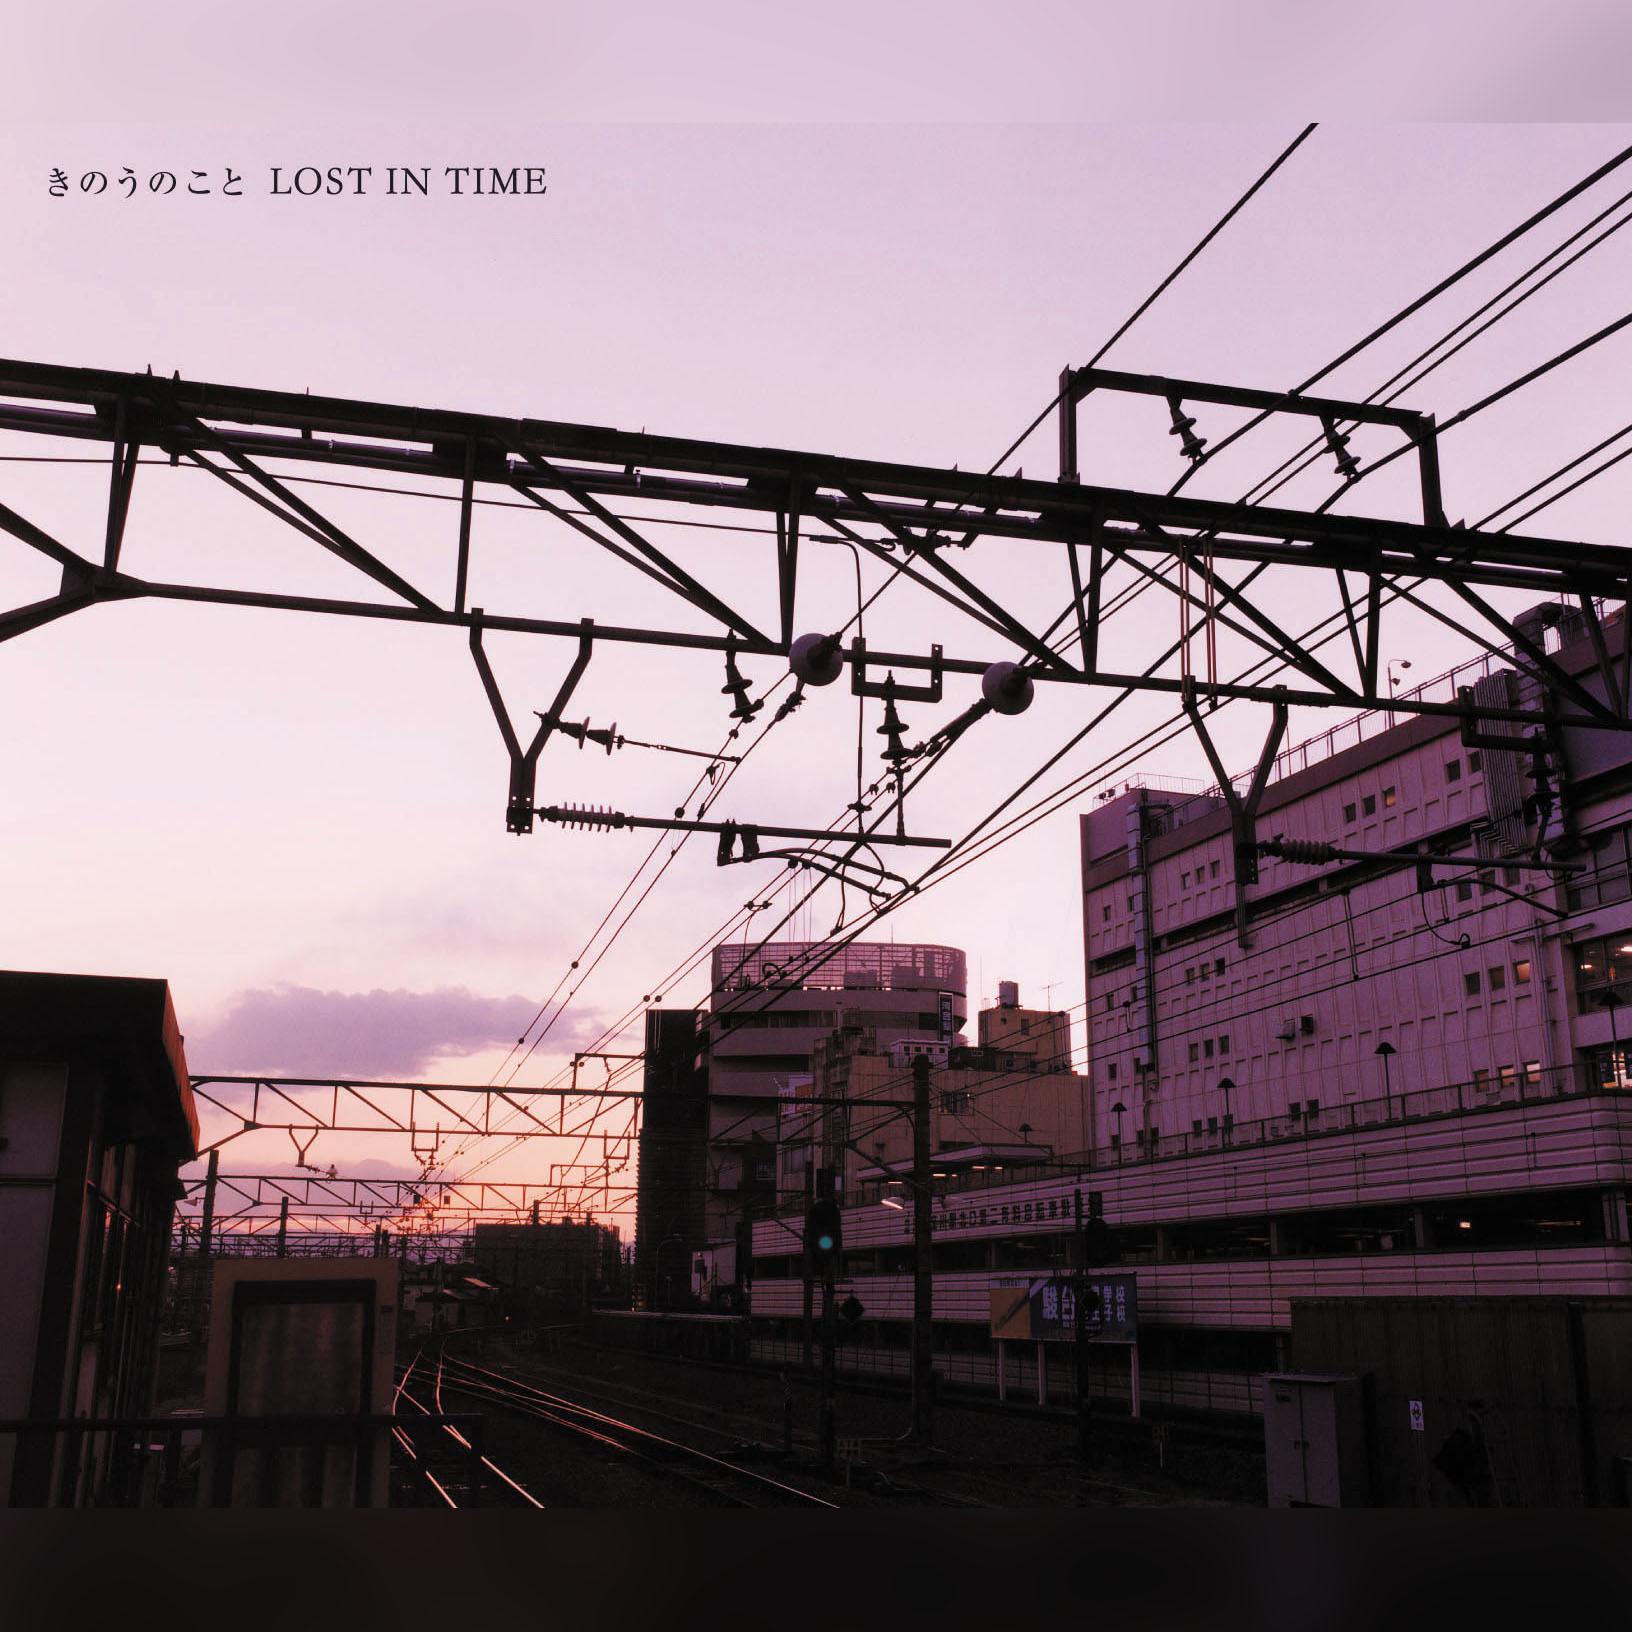 lost jacket¥きのうのことRGB-Square02